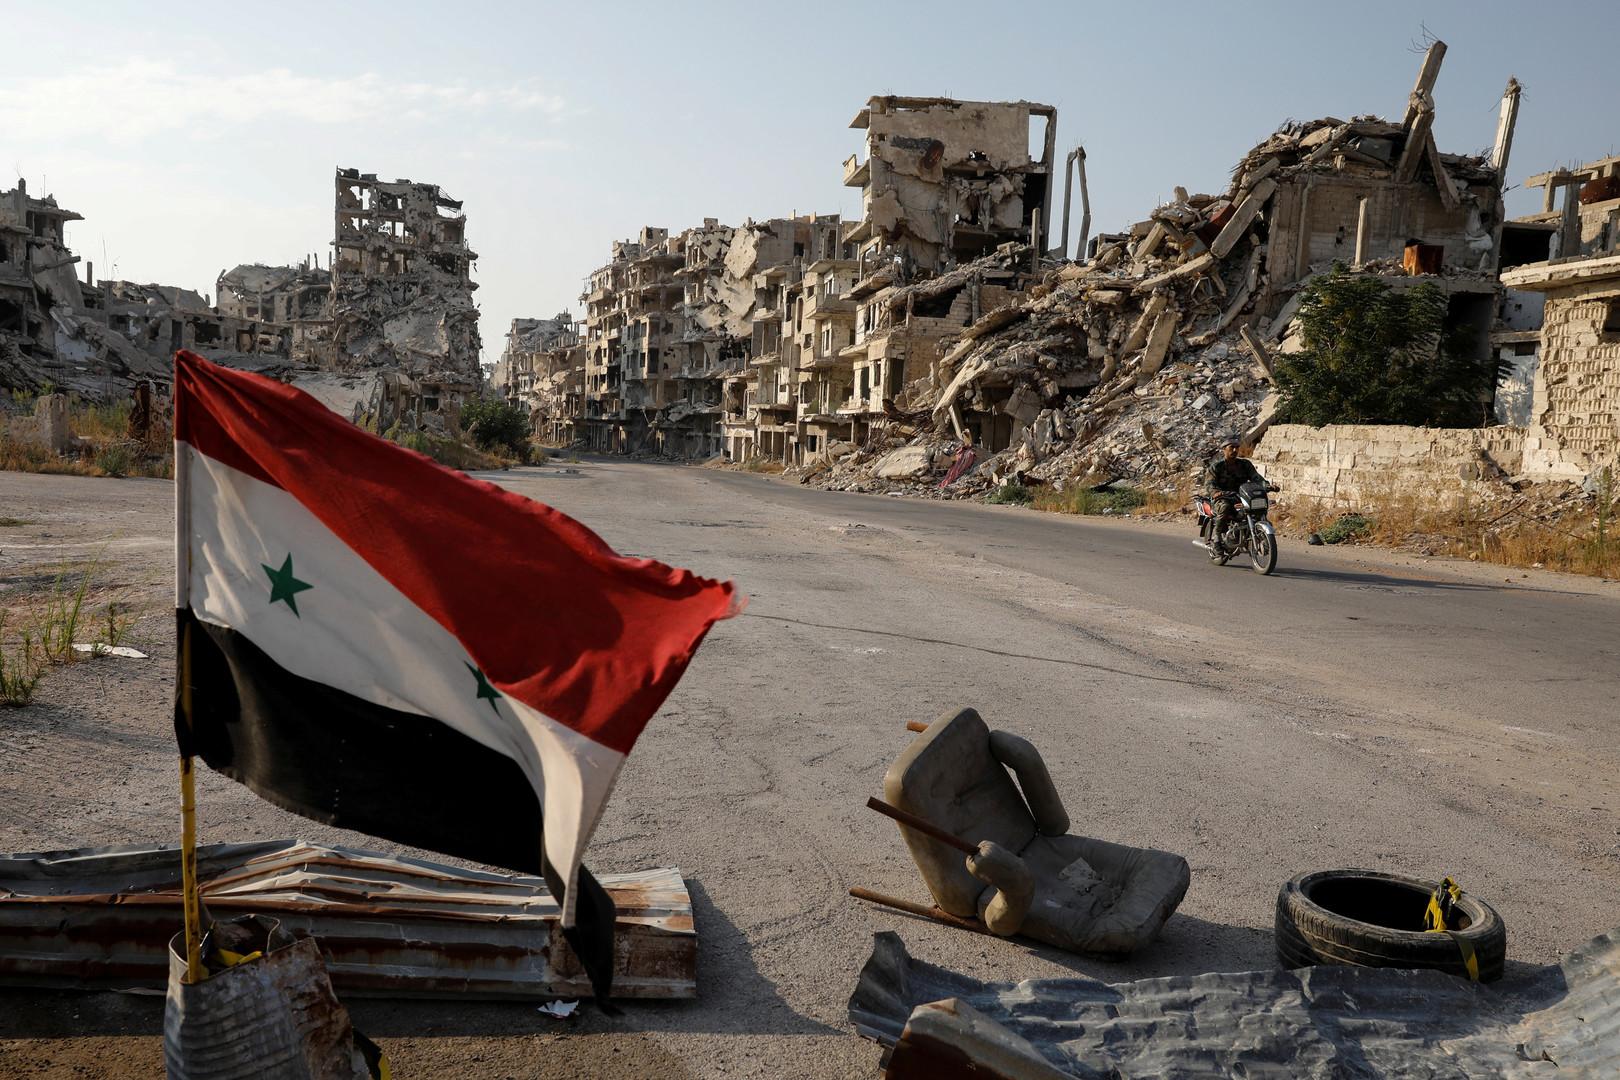 الجيش السوري يوسع رقعة سيطرته في ريف إدلب